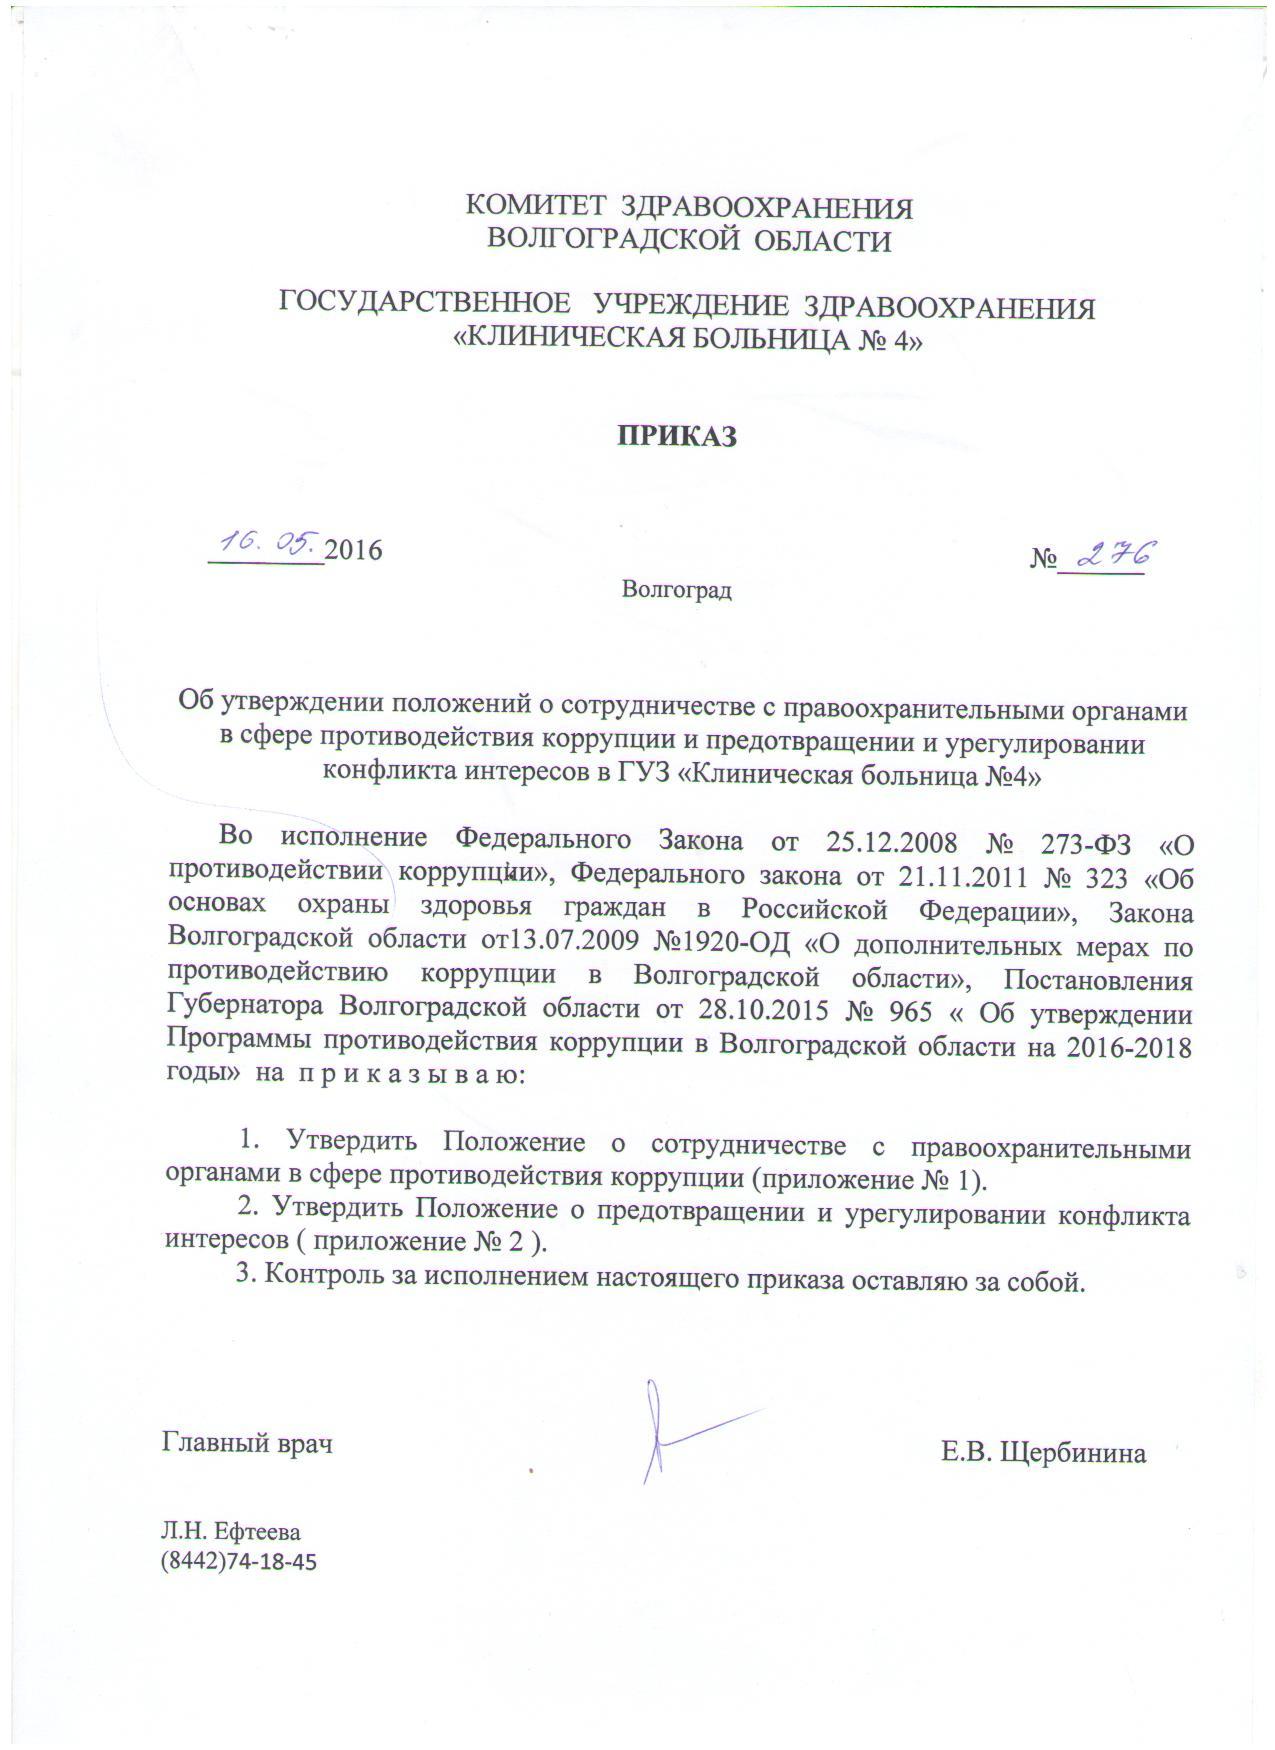 приказ № 276 сотрудничество с правоох.органами